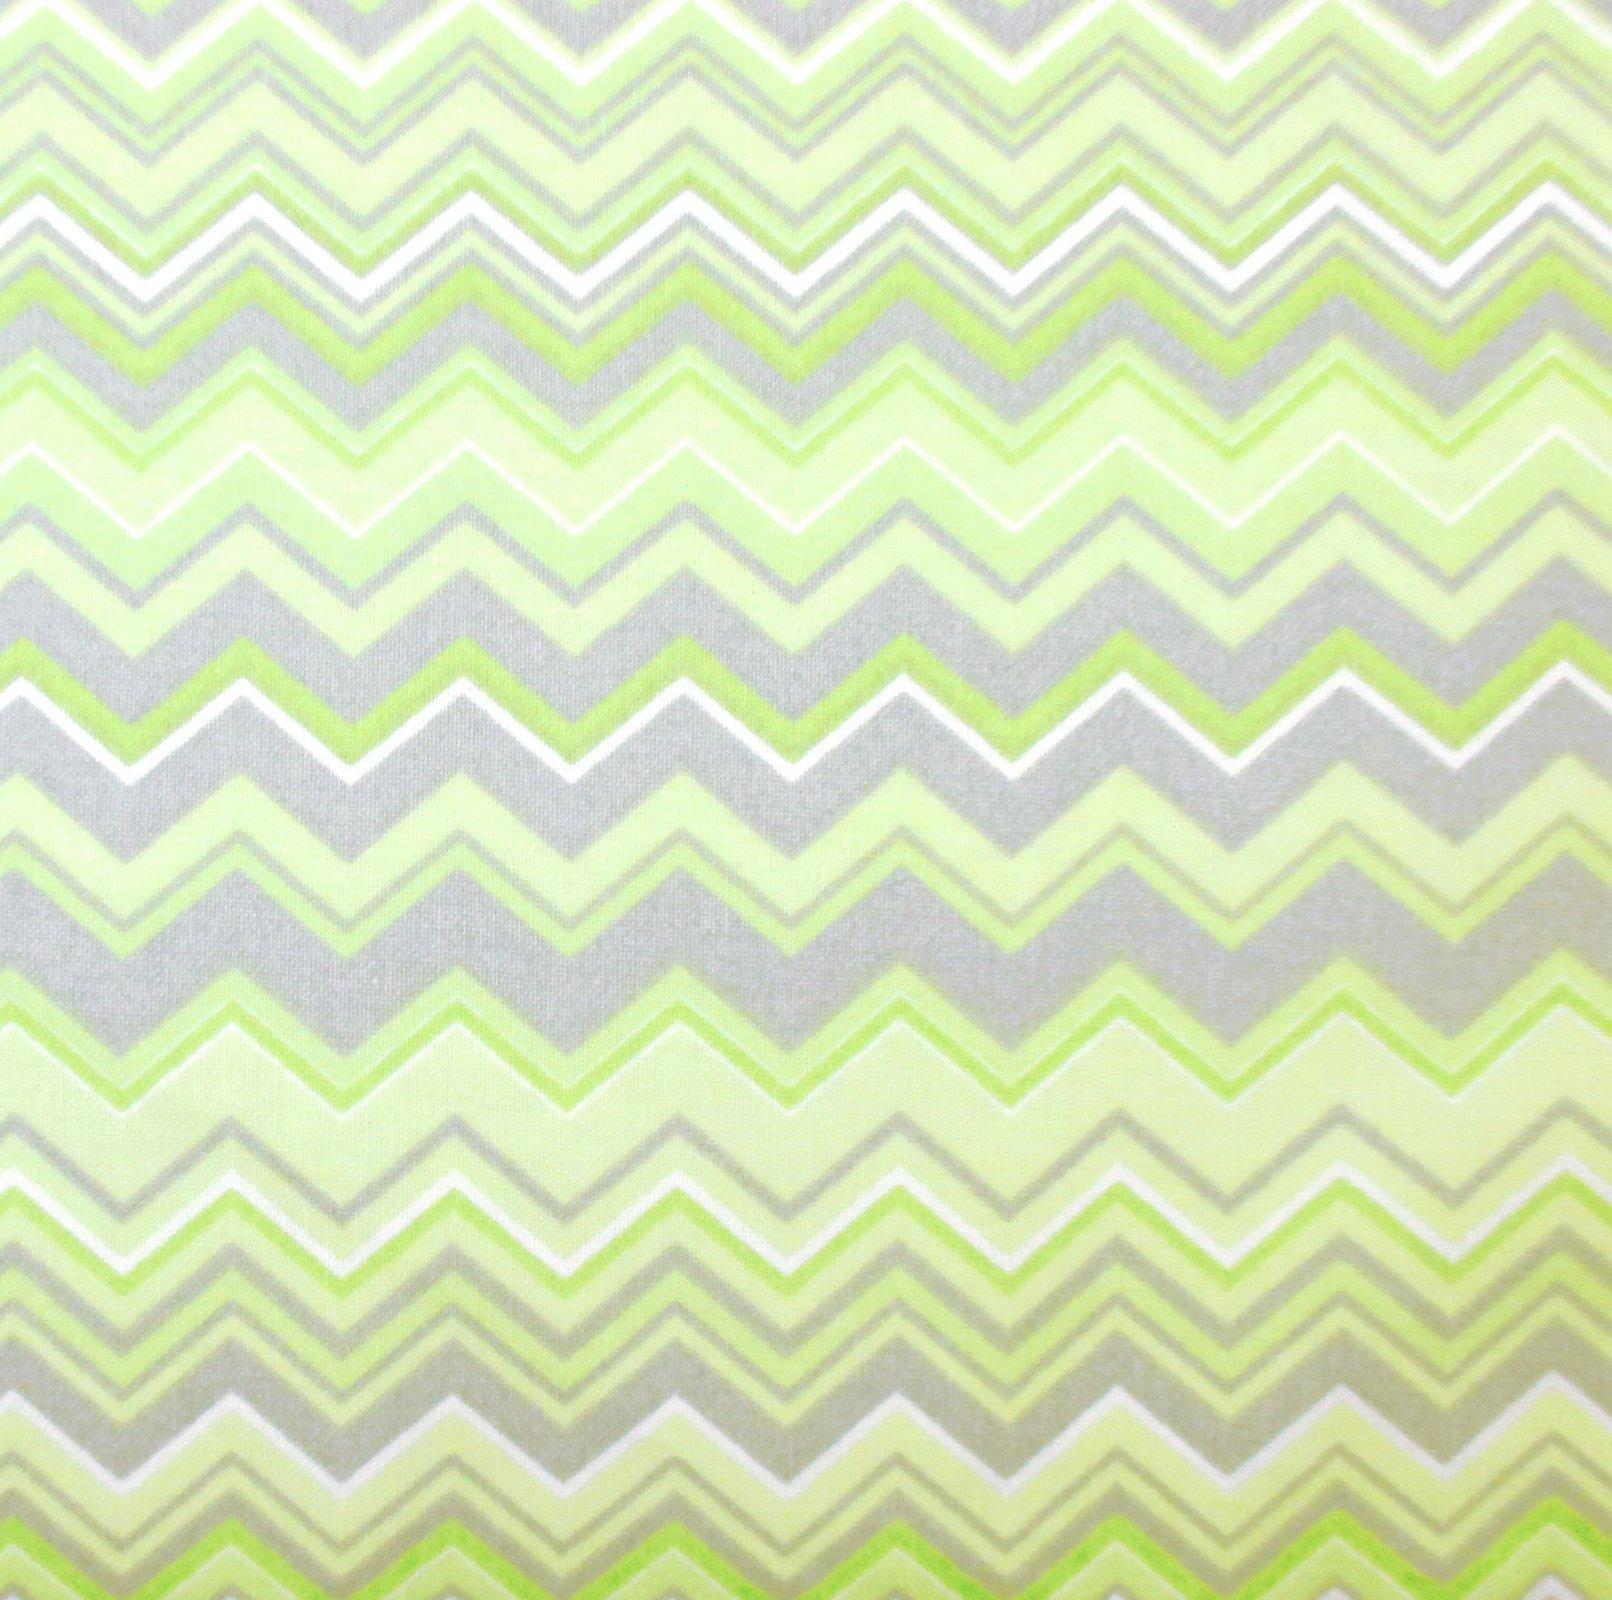 A.E. Nathan - Chevron - Green/Gray/White